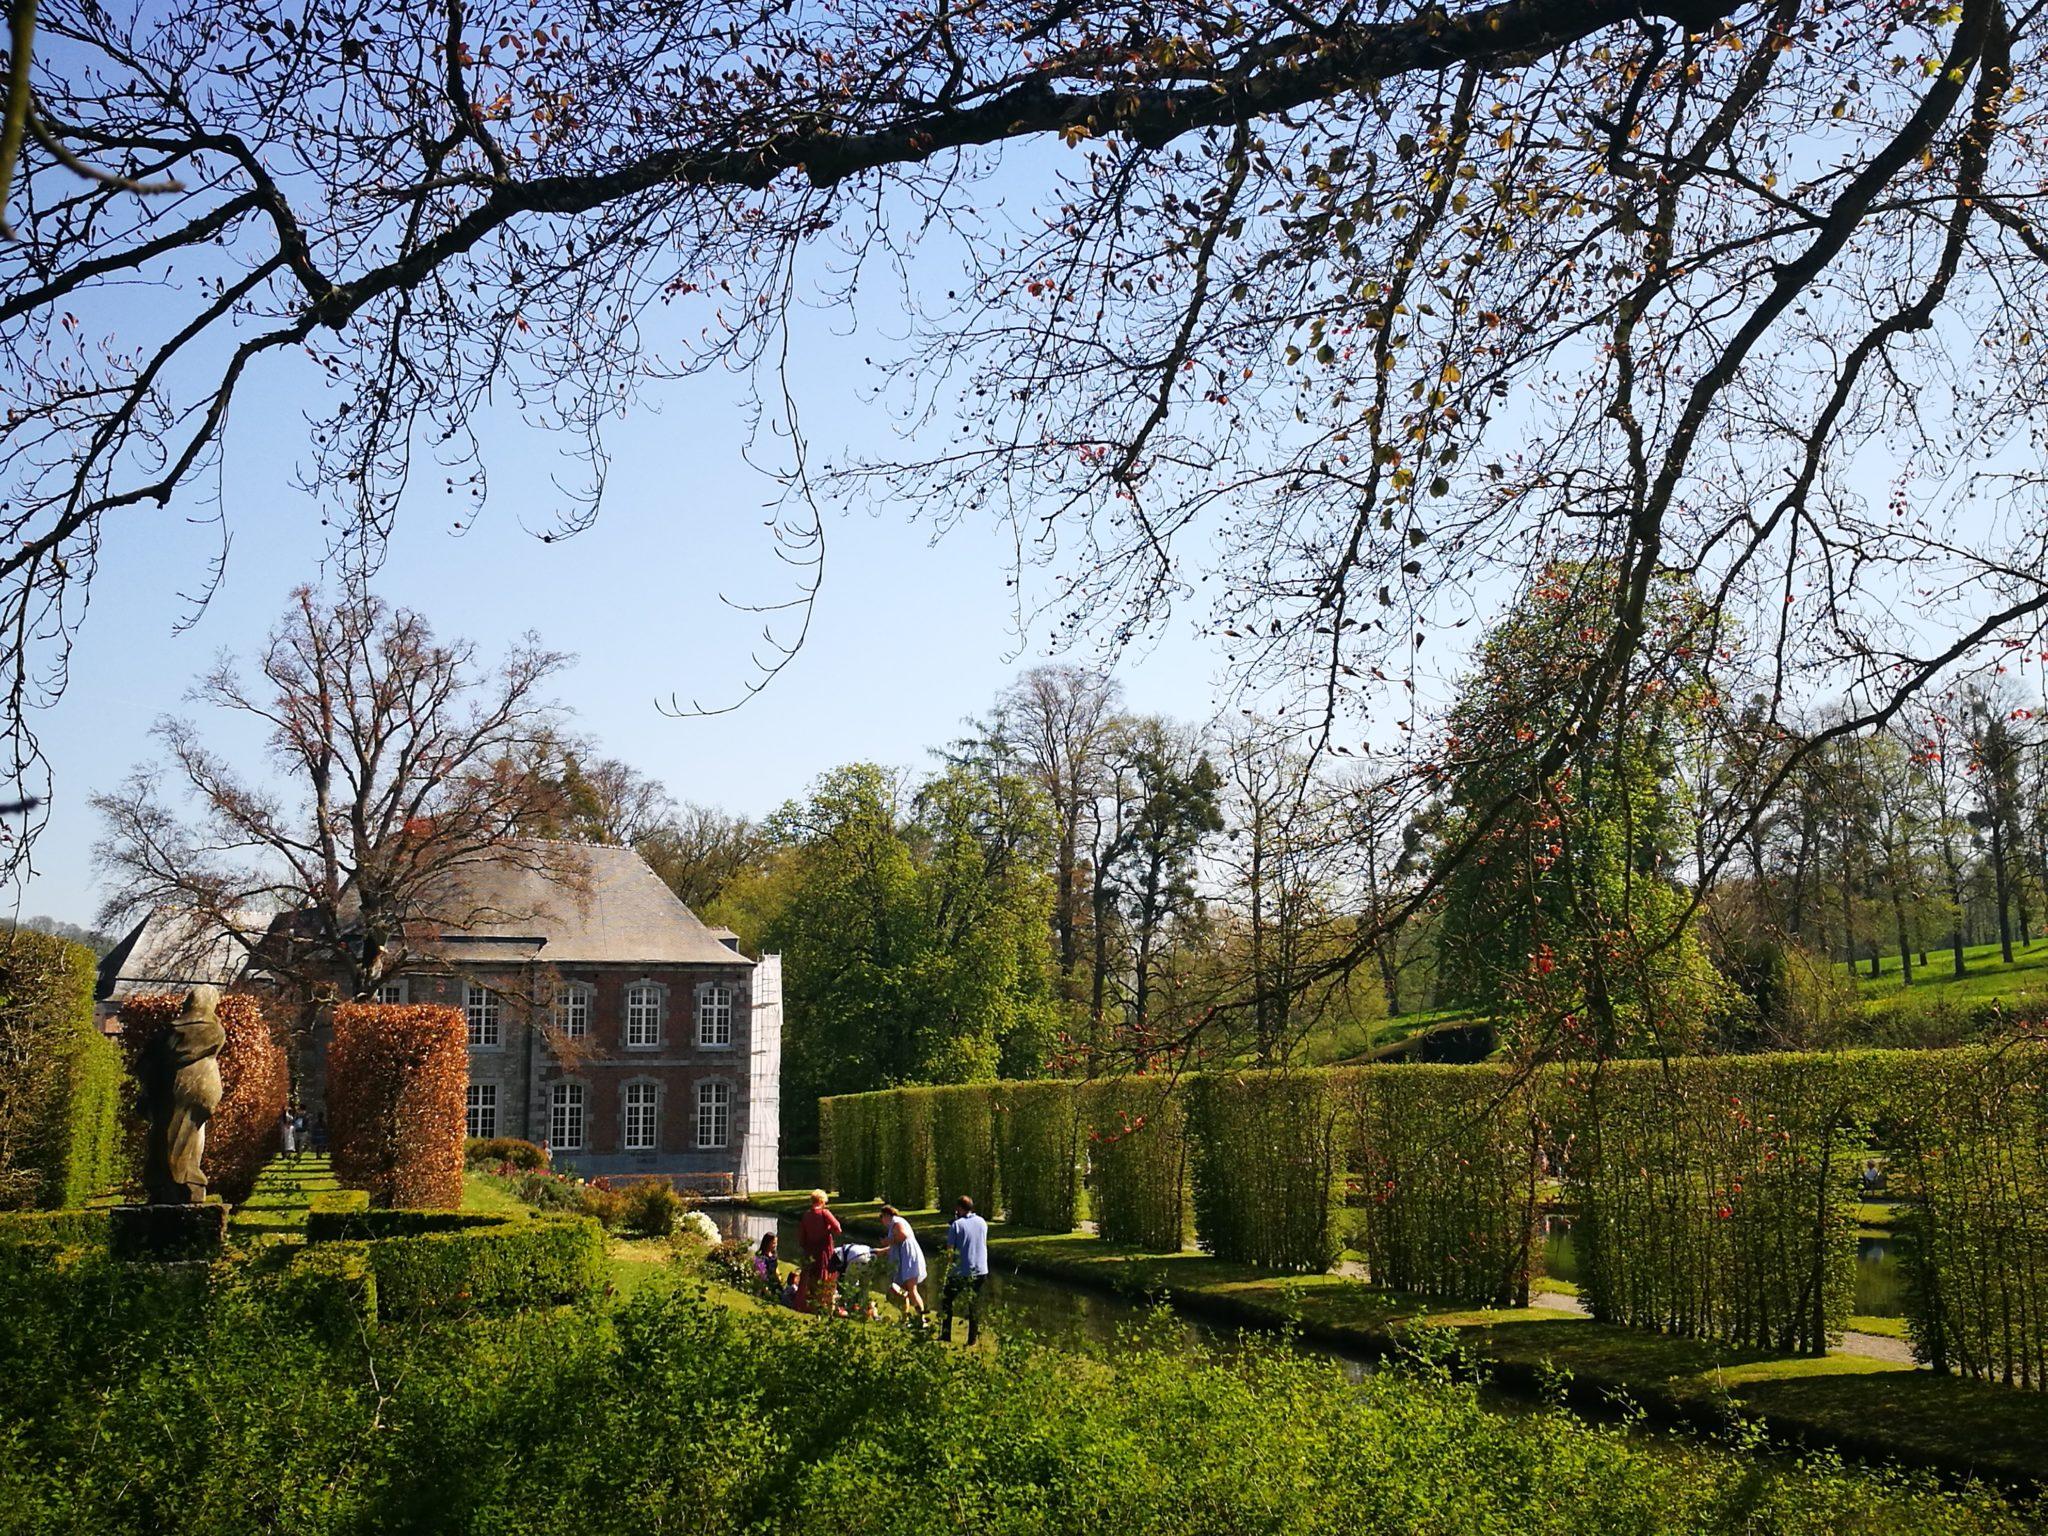 Wodne ogrody Annevoie z widokiem na zamek